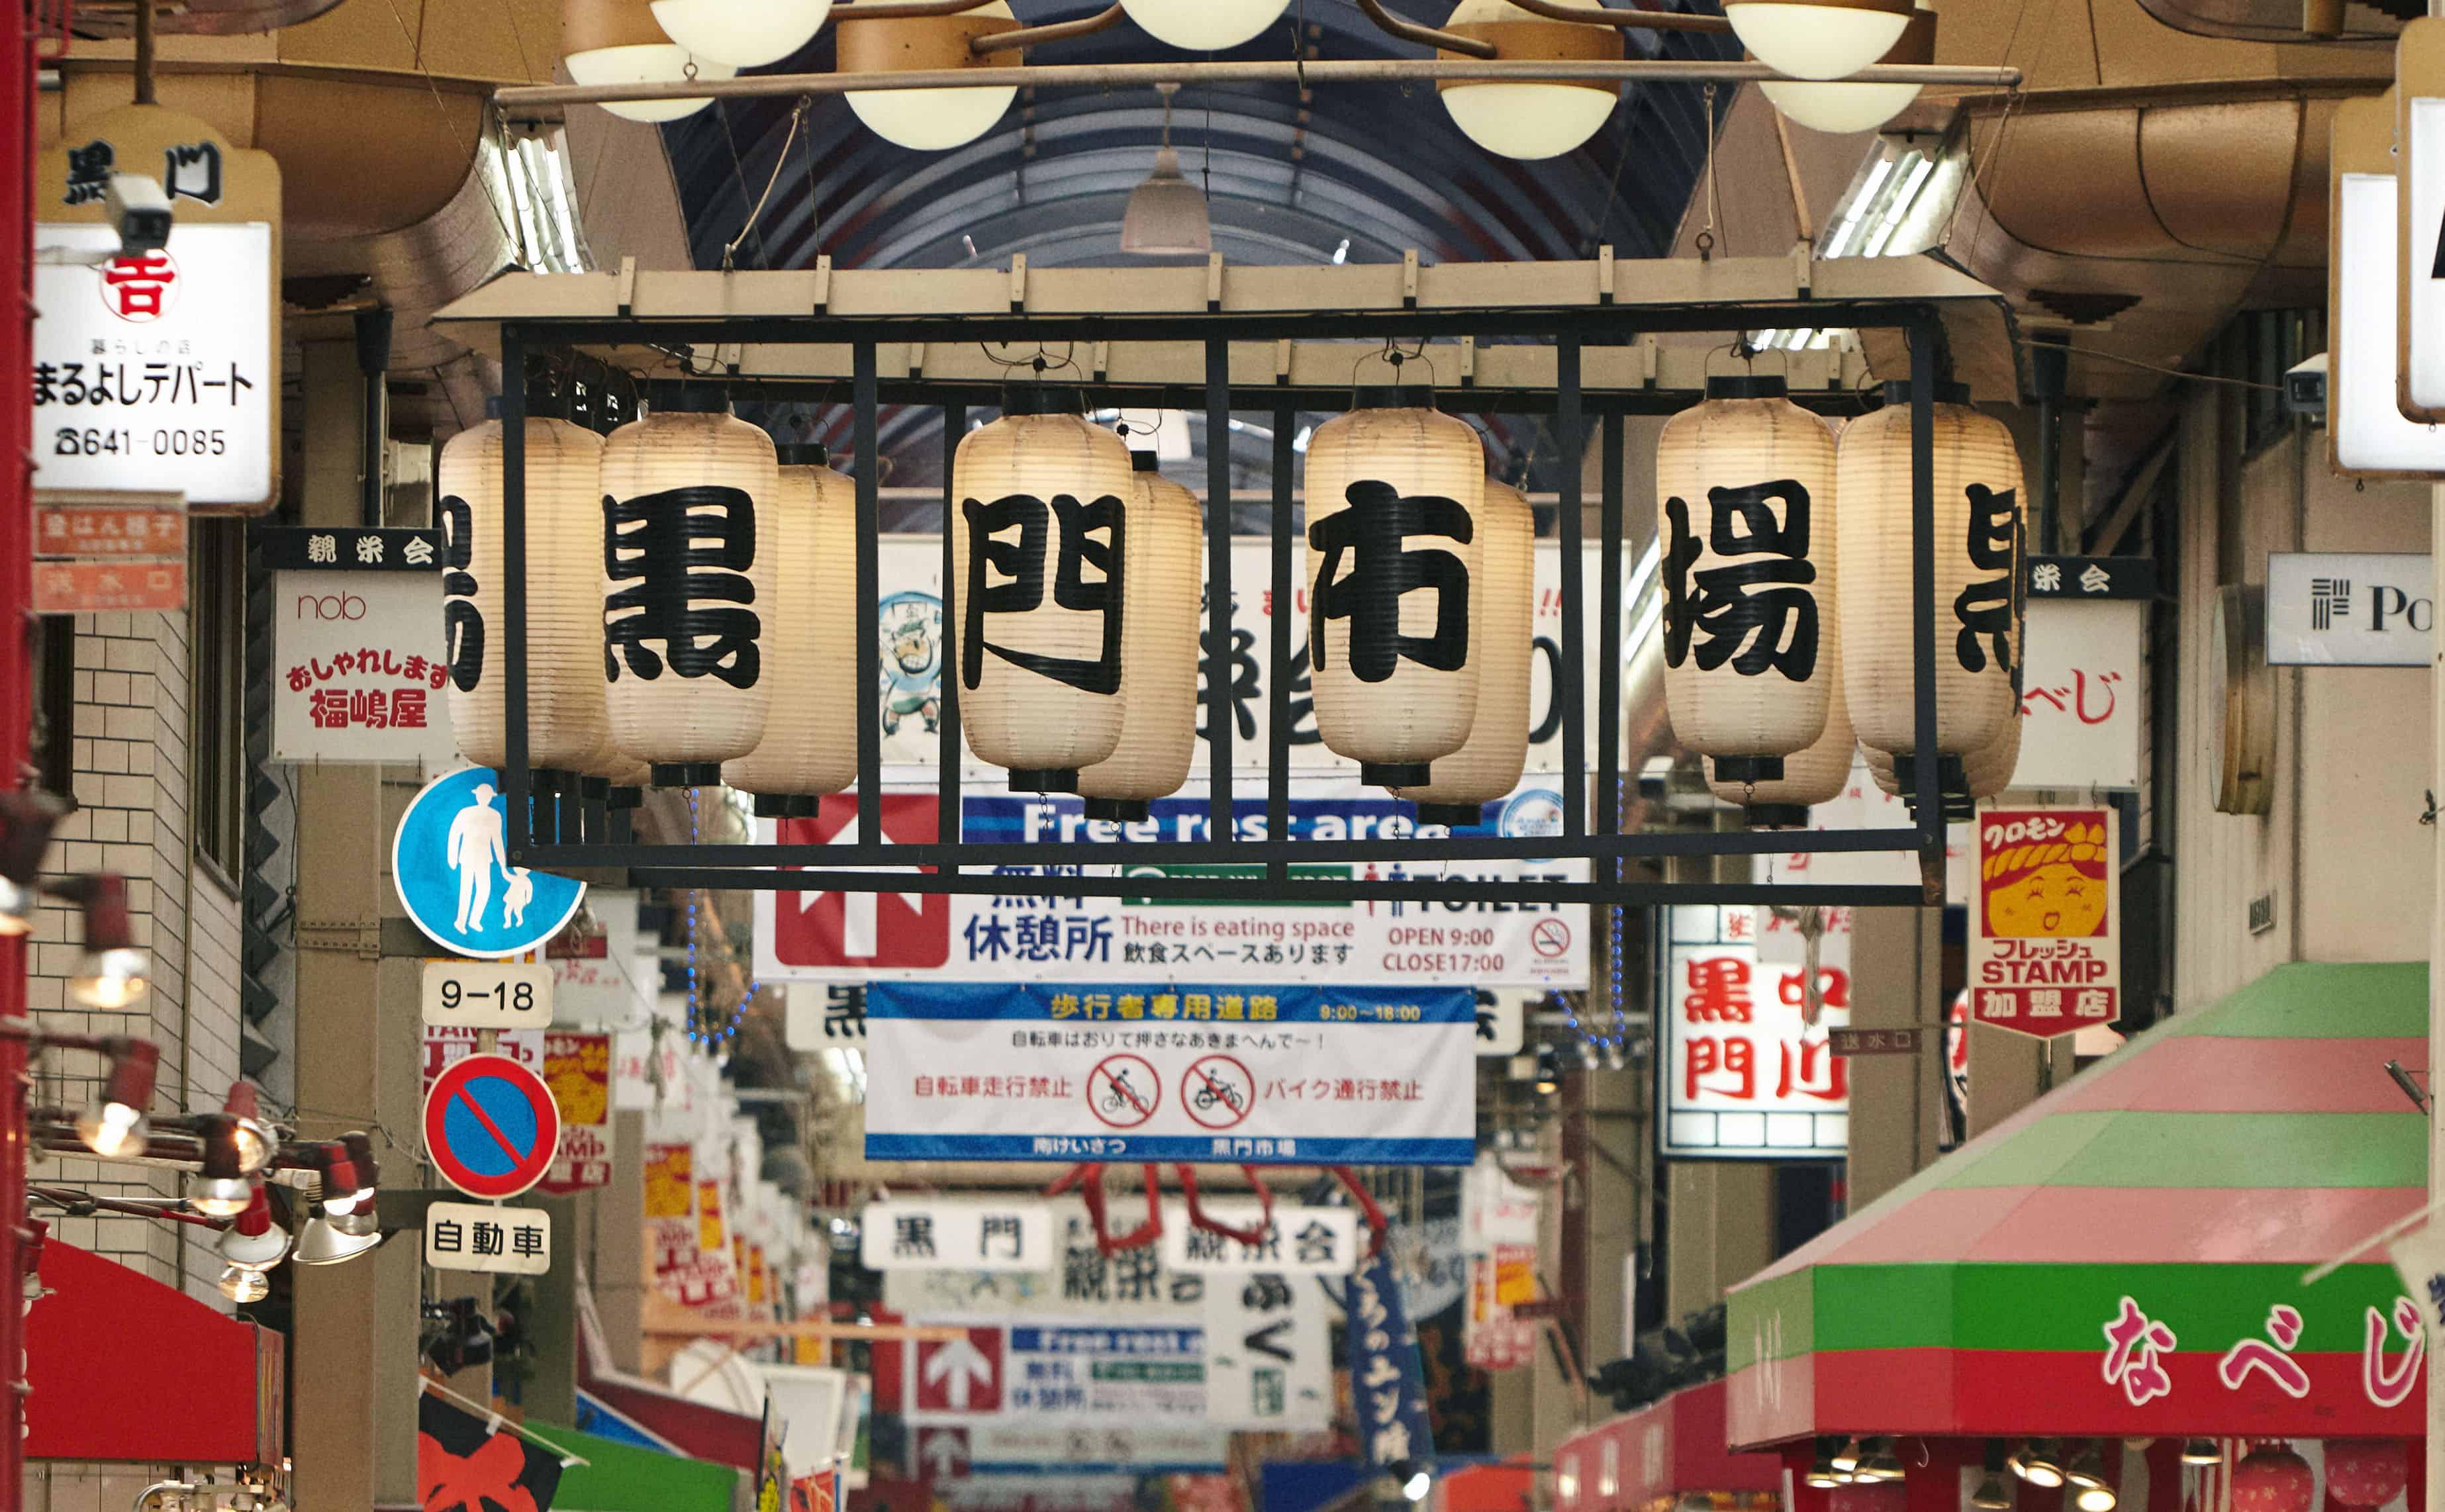 ตลาดคุโรมง (Kuromon Fish Market) โอซาก้า (osaka)